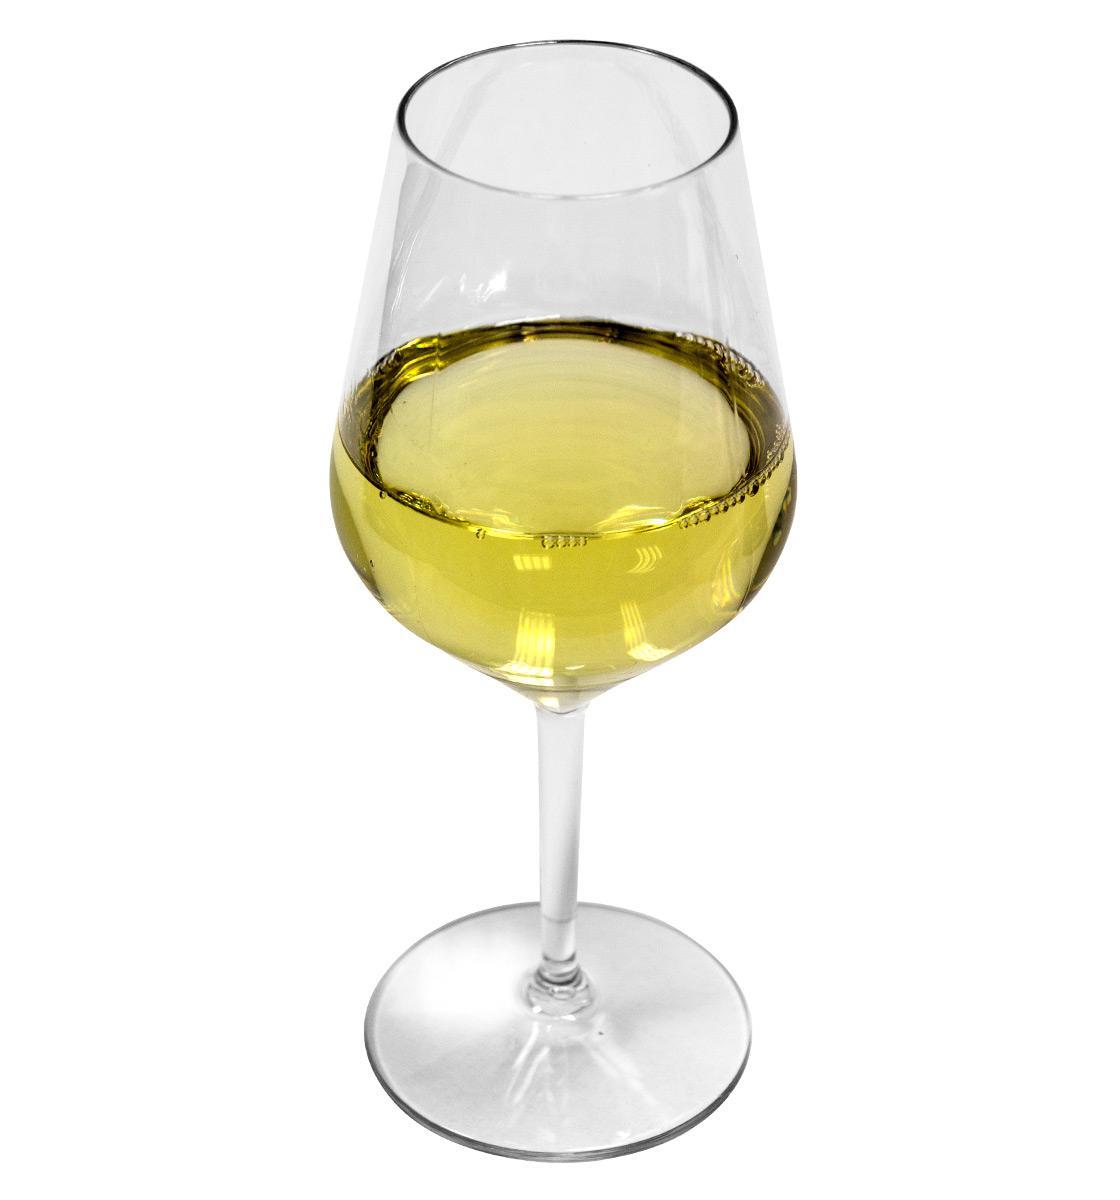 Hugo Mit Weißwein